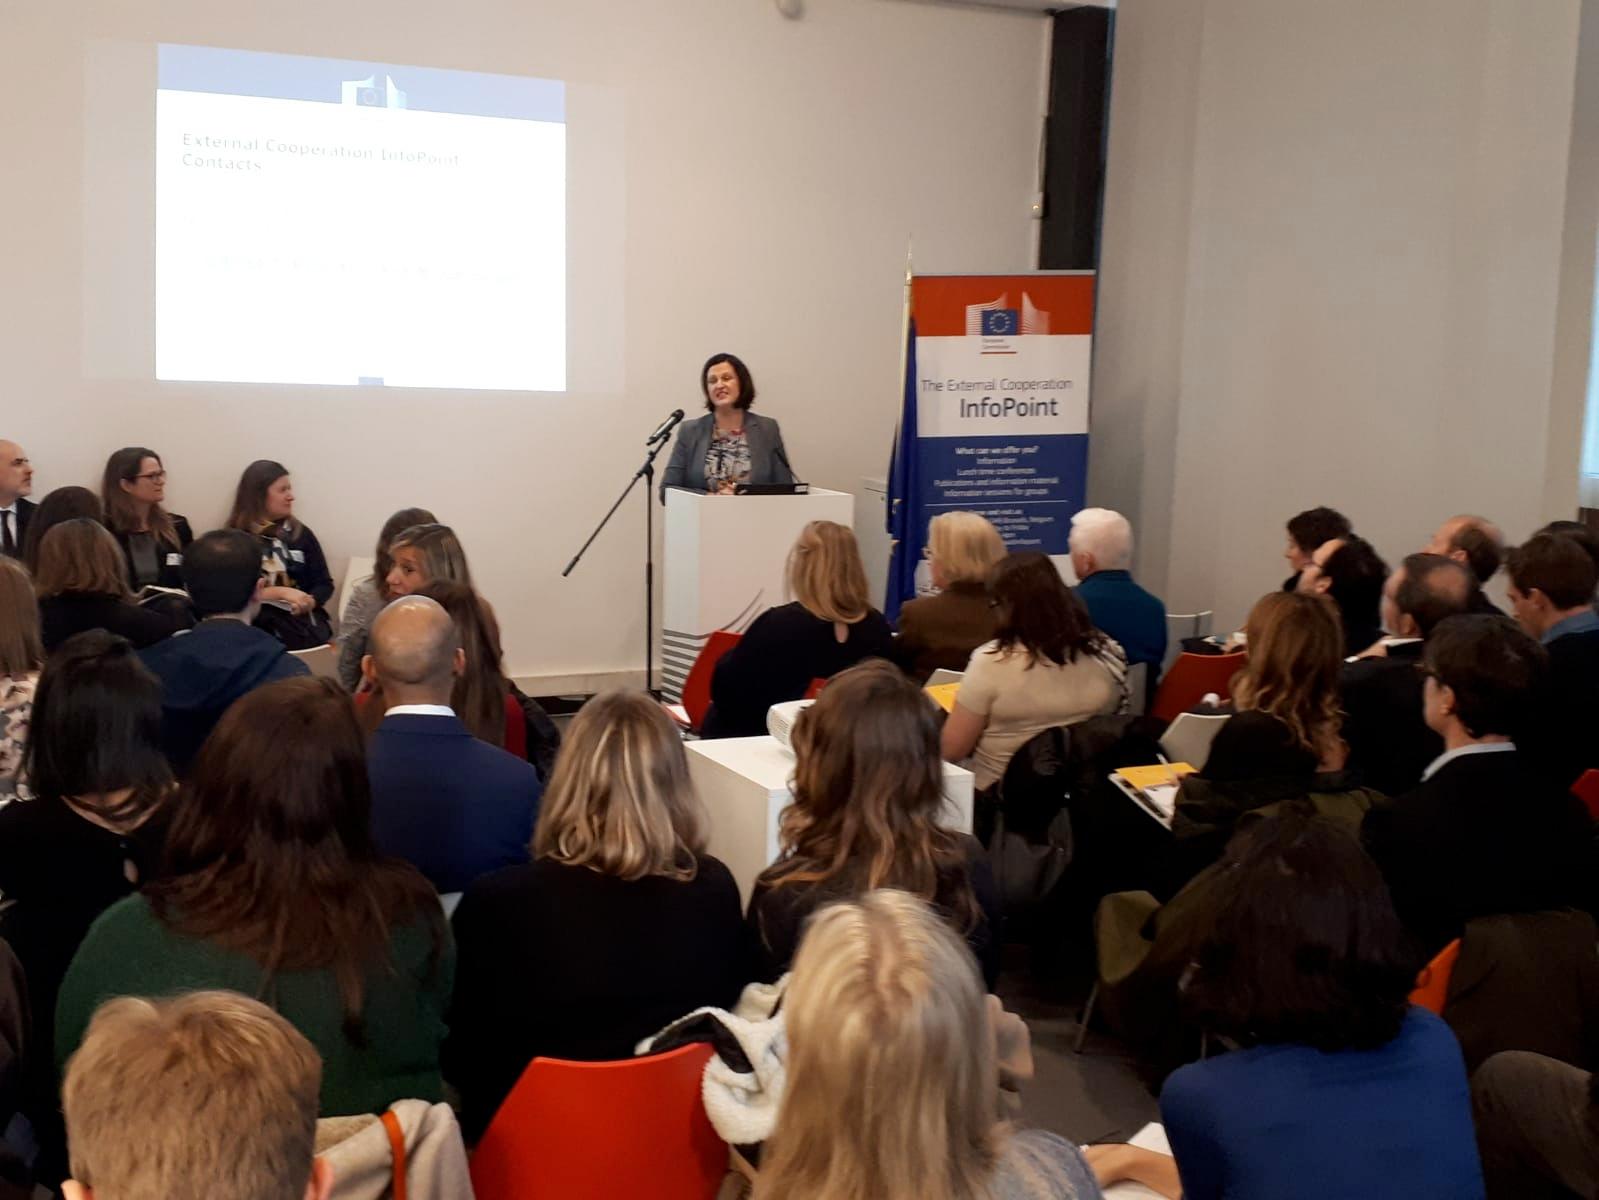 Jolita Butkeviciene, directora para América Latina y el Caribe en la Dirección General de Cooperación Internacional y Desarrollo de la Comisión Europea.